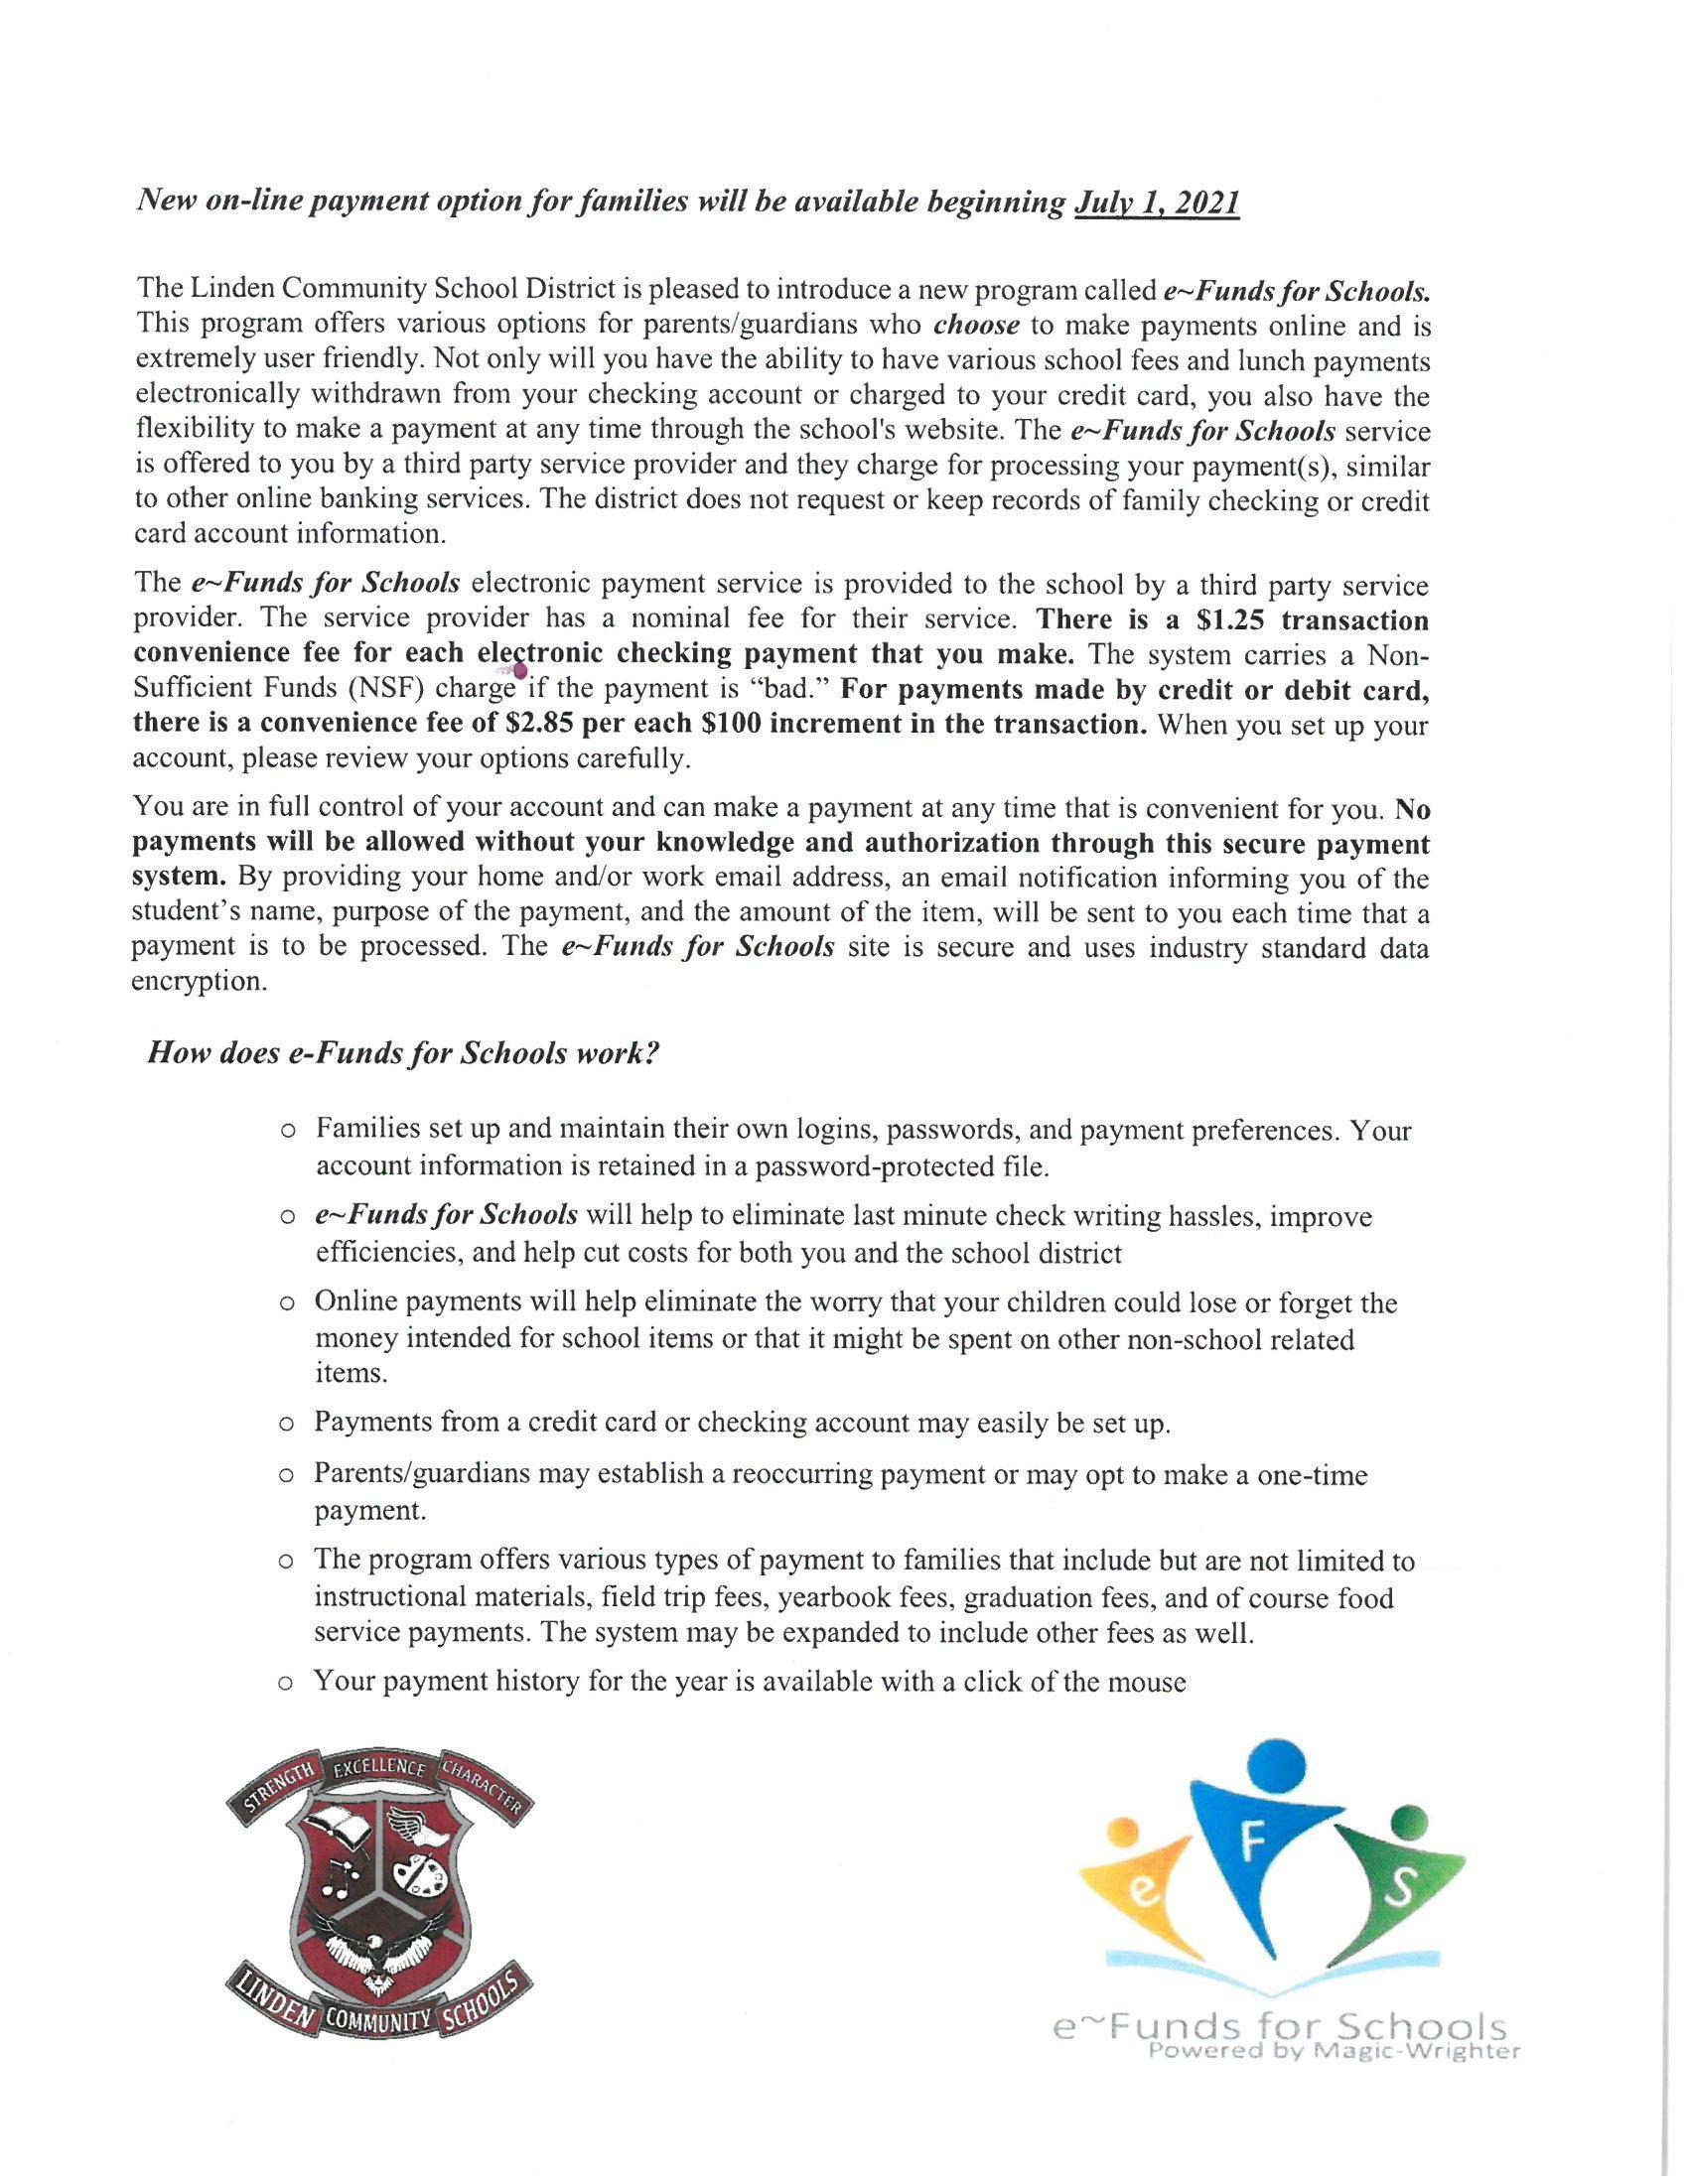 Letter describing eFunds service